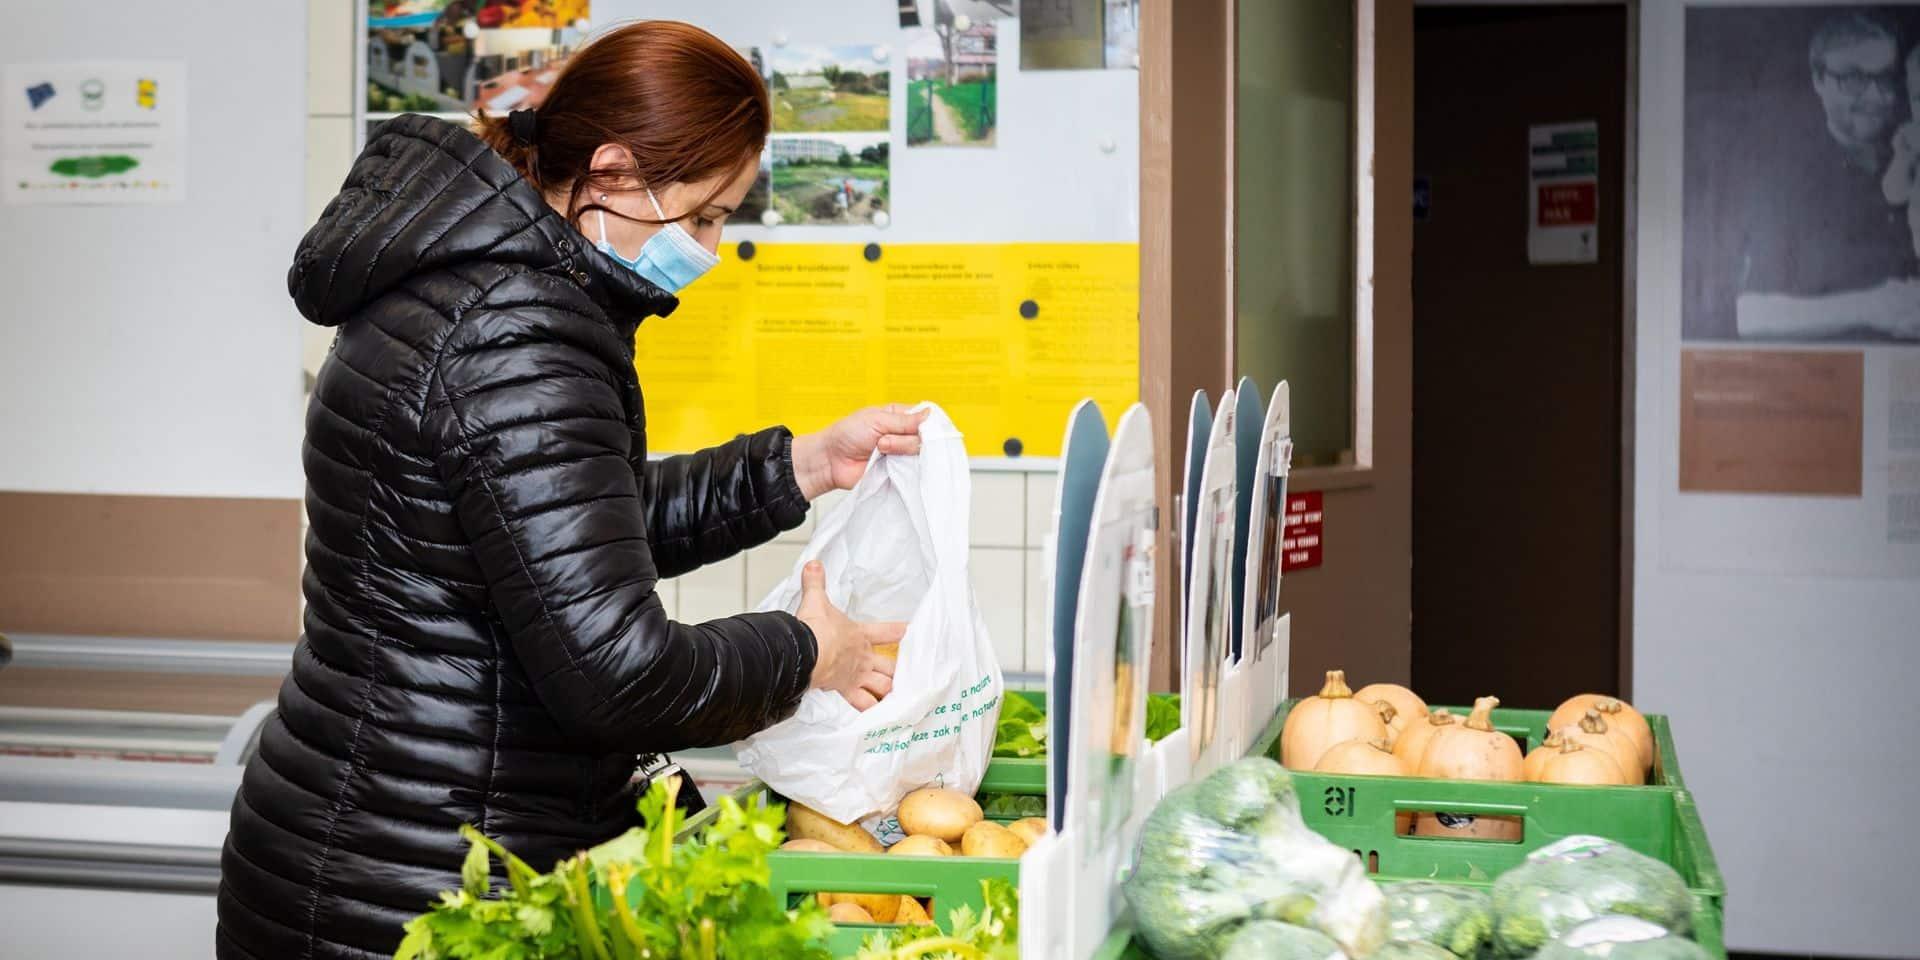 Berchem-Sainte-Agathe : Le CPAS renforce ses aides sociales